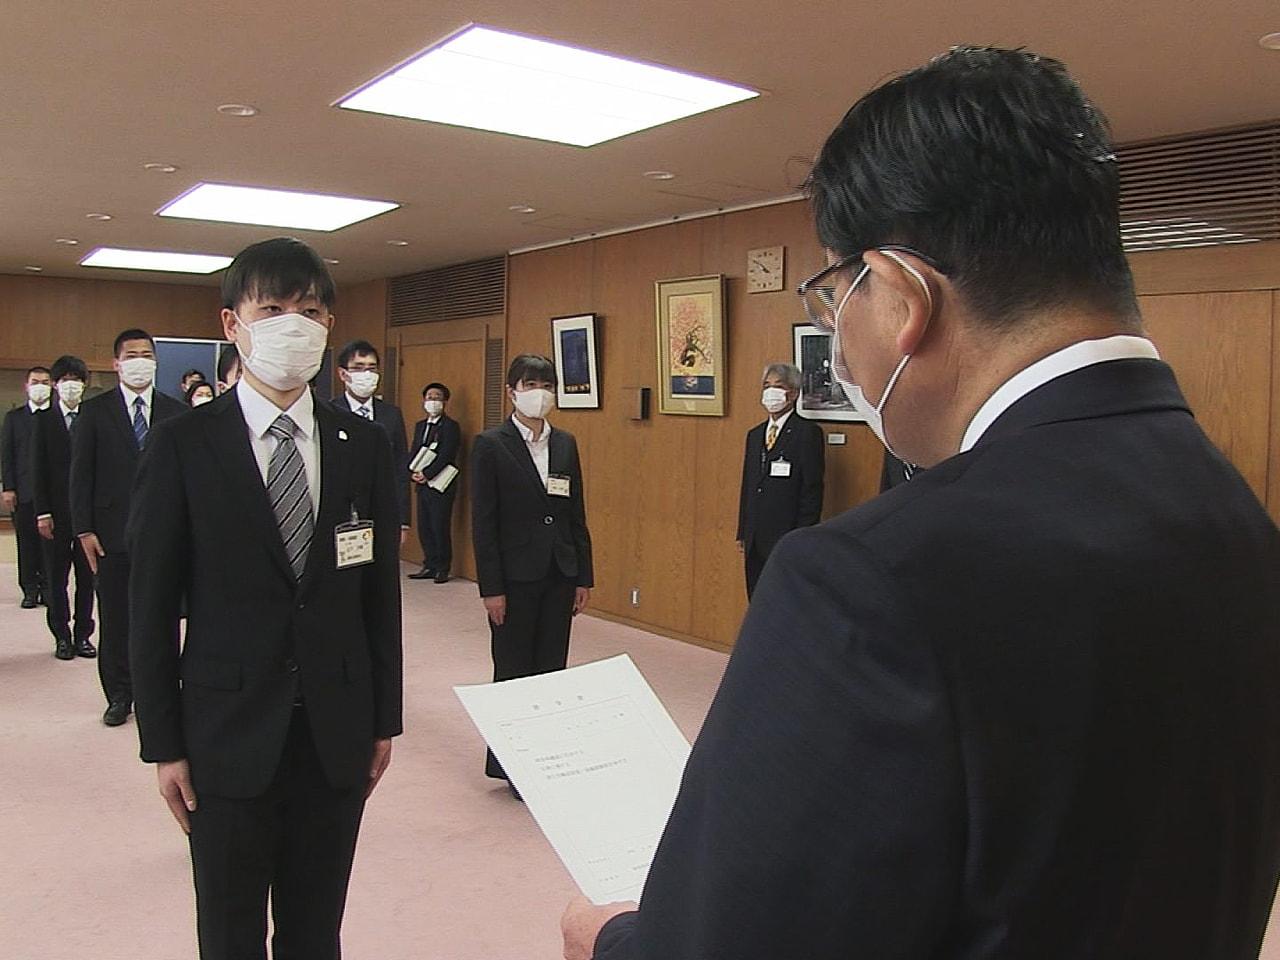 4月1日は各地で入庁式や入社式が行われ、多くの若者が社会人として歩み始めました。...